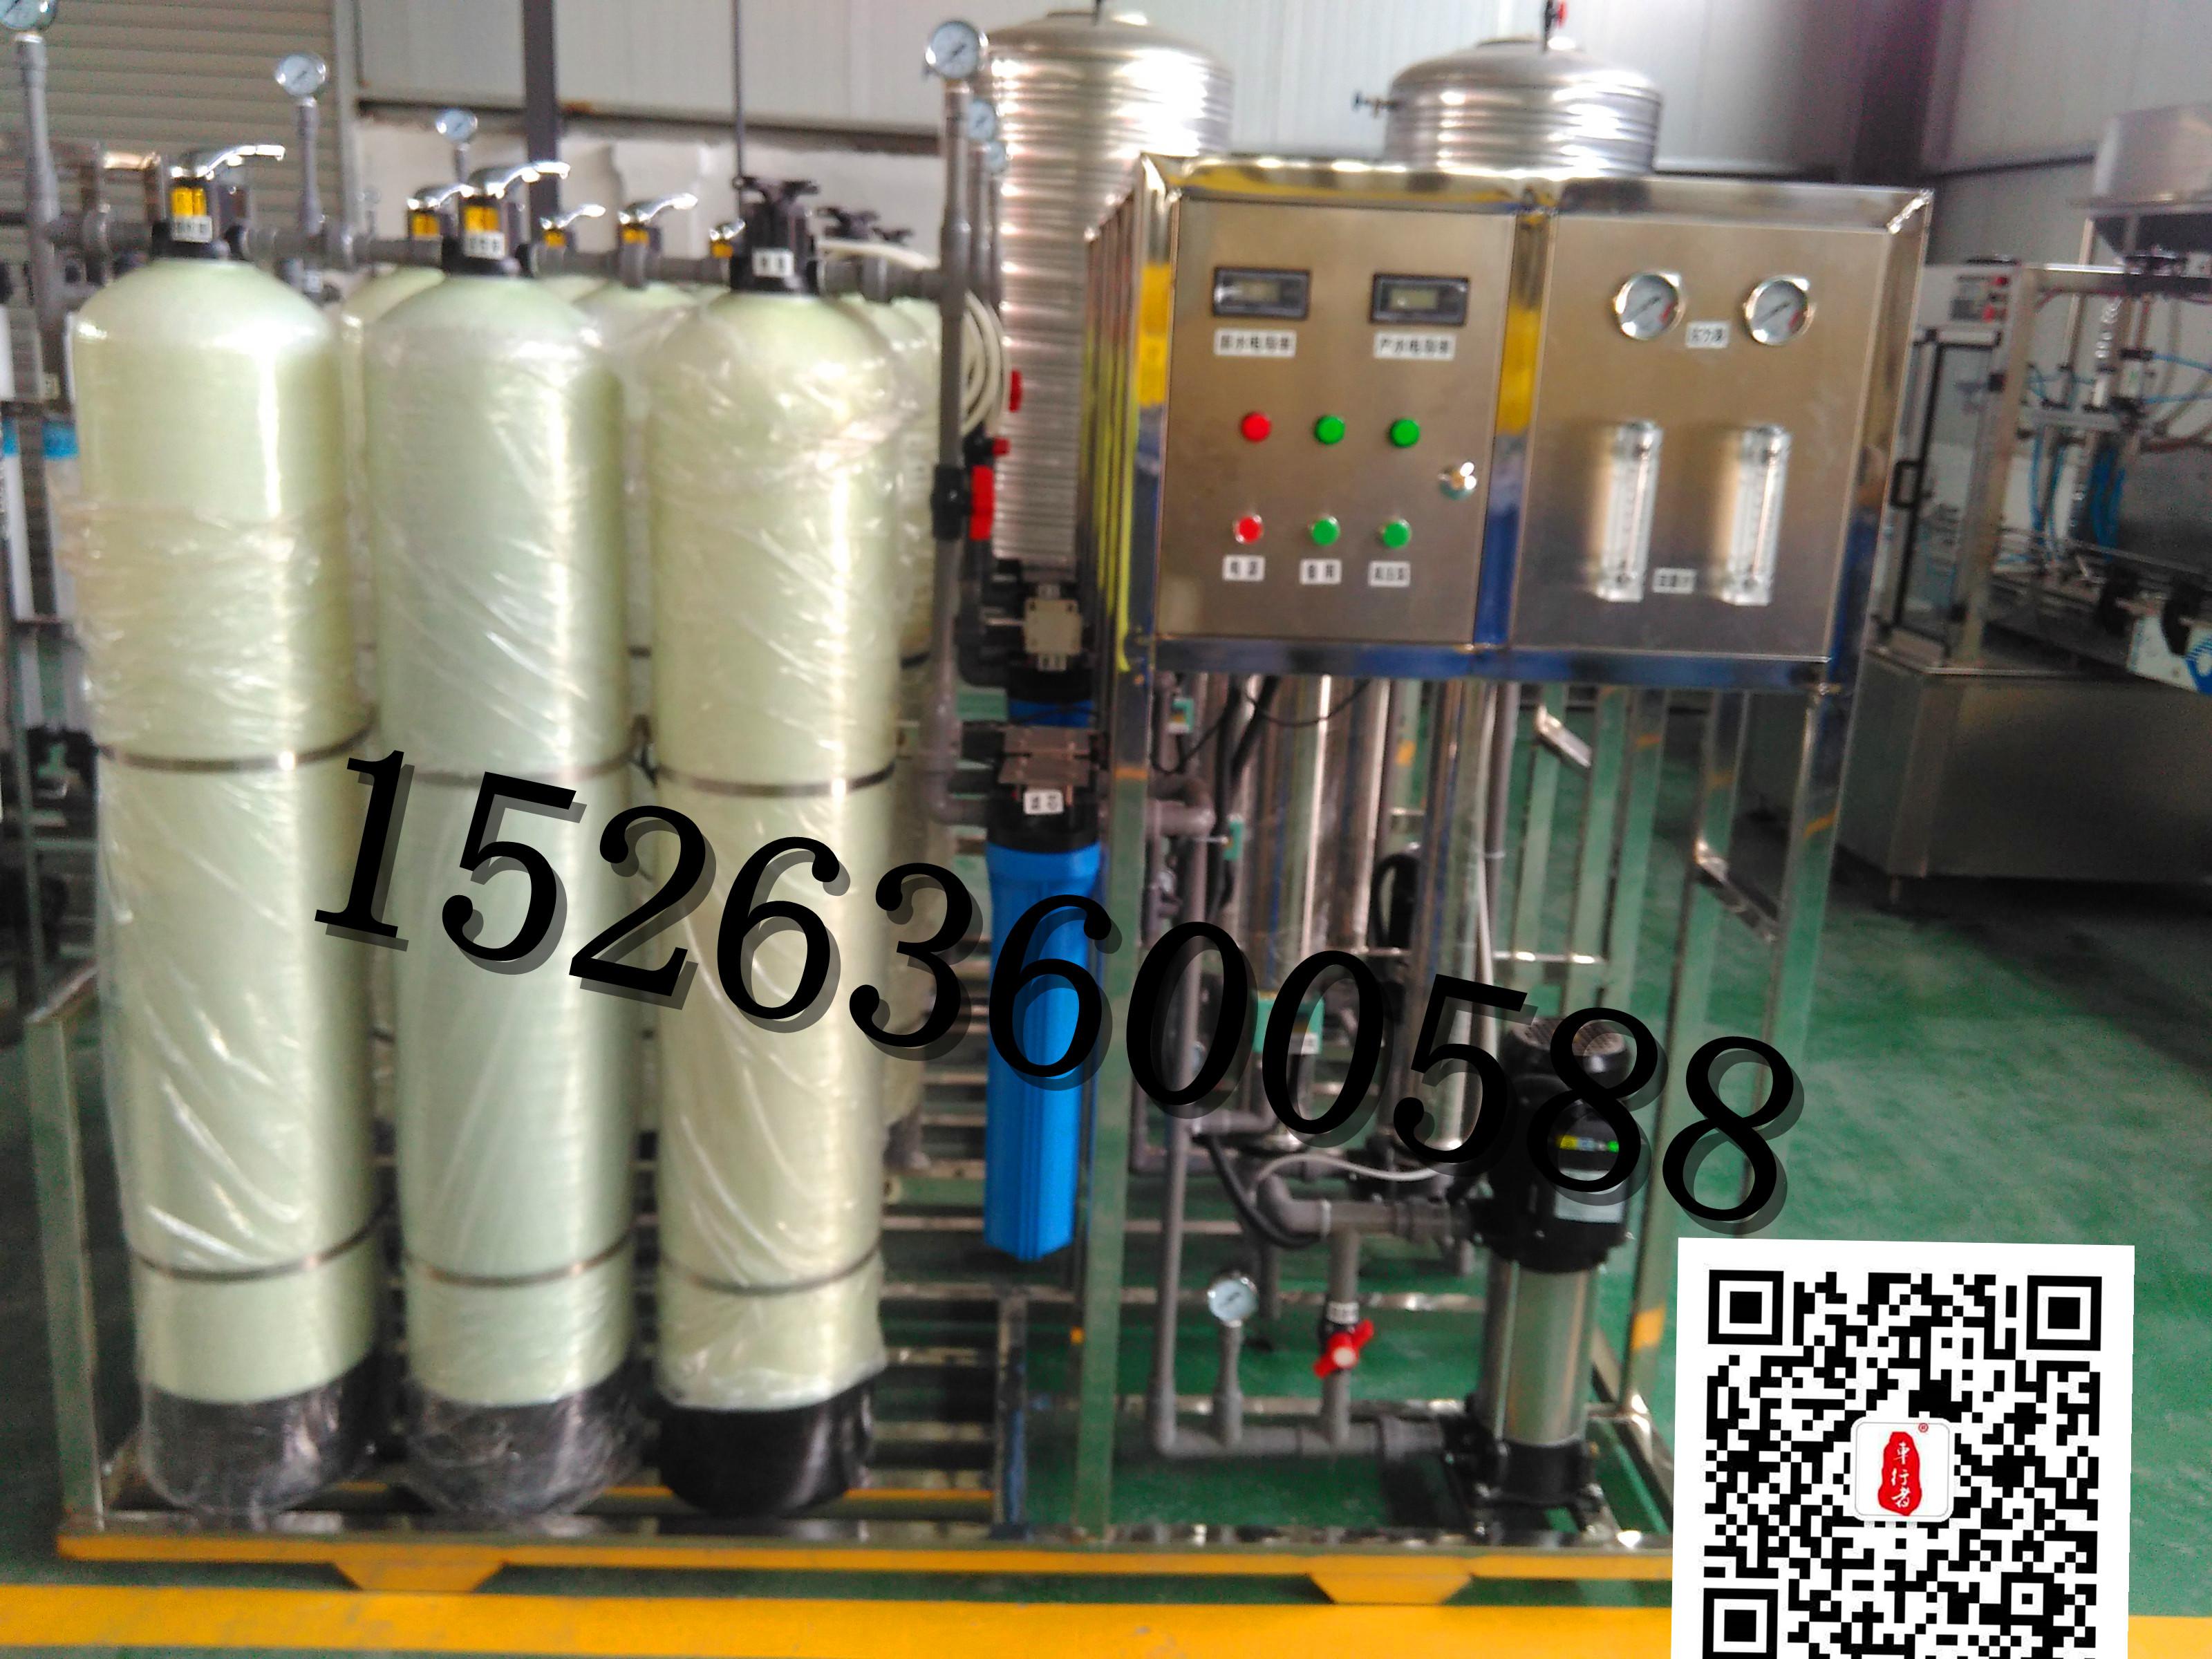 生产玻璃水技术,玻璃水设备及汽车防冻液的整套生产